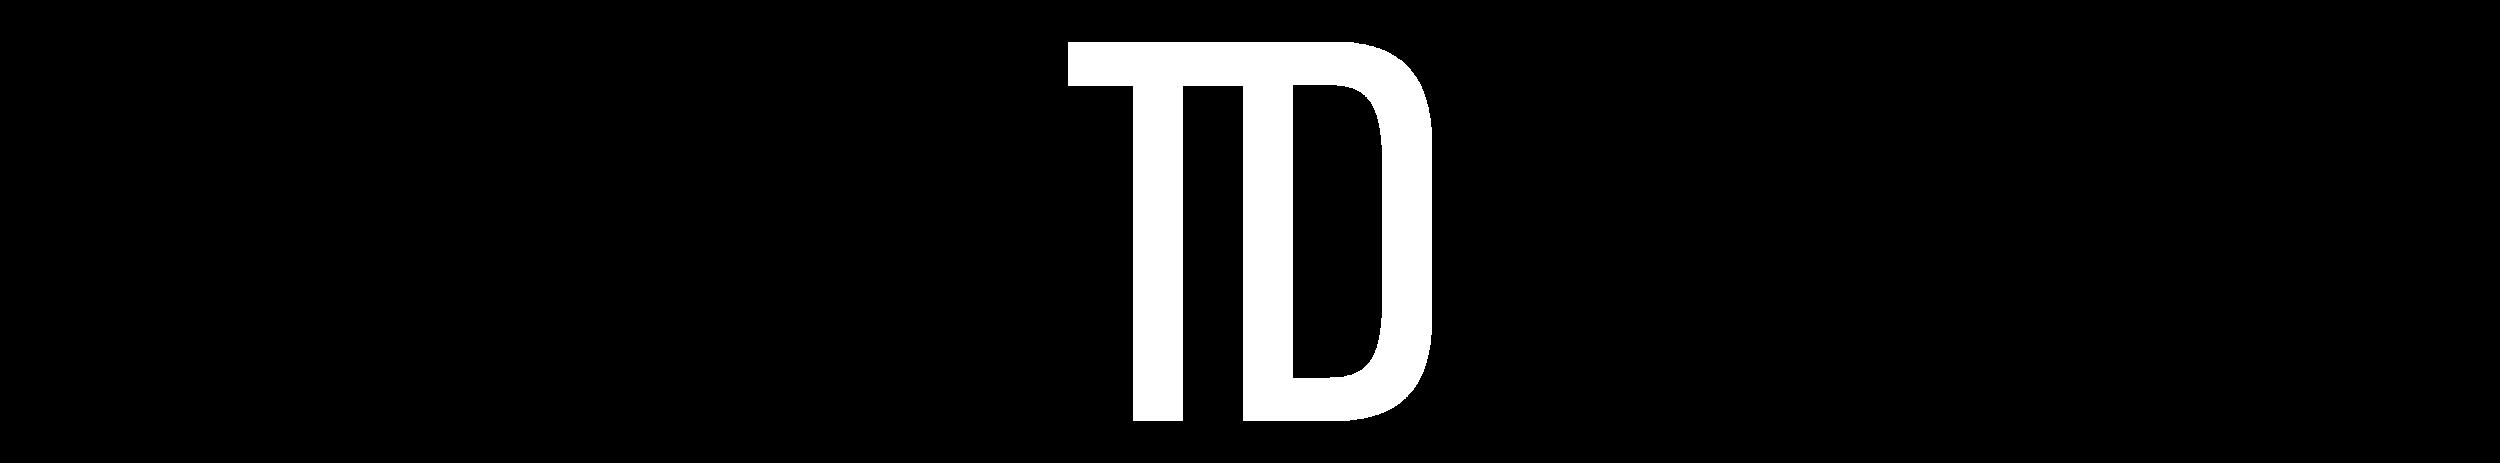 TD10x10schmalZF_Zeichenfläche 1.png